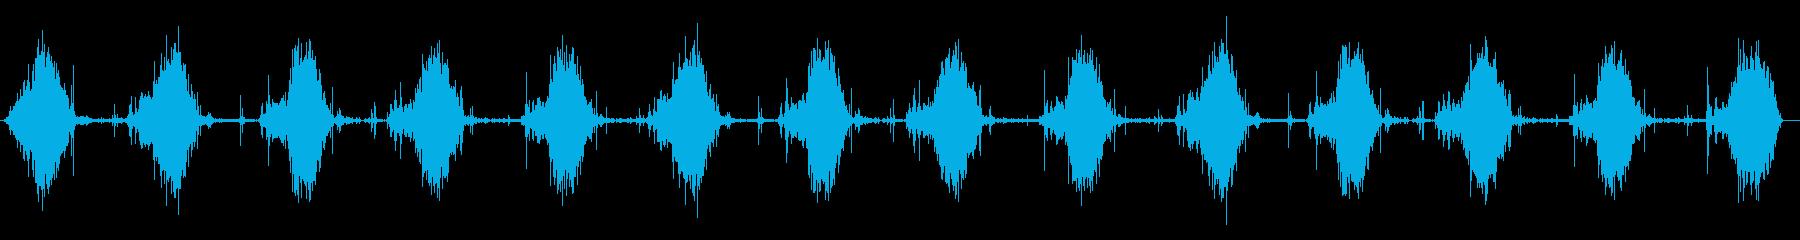 メタルファンレーキ:レーキグラス、...の再生済みの波形